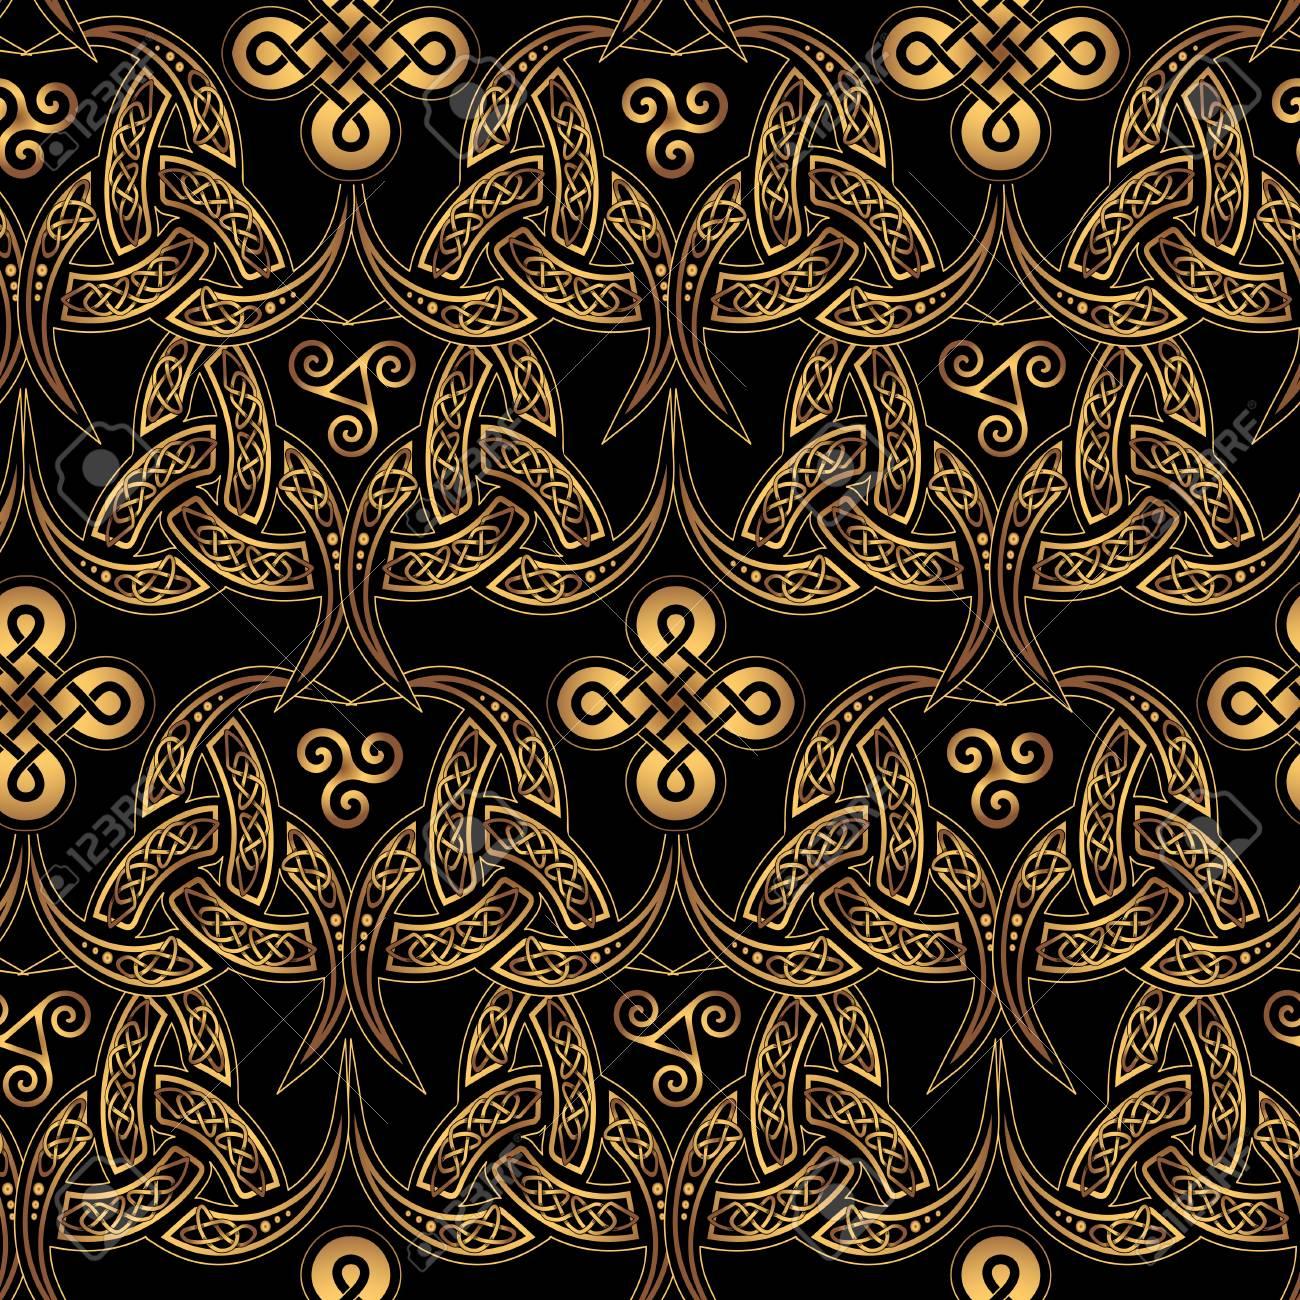 fond d ecran sans couture celtique scandinave elegants motifs ethniques dores de druides sur un fond noir